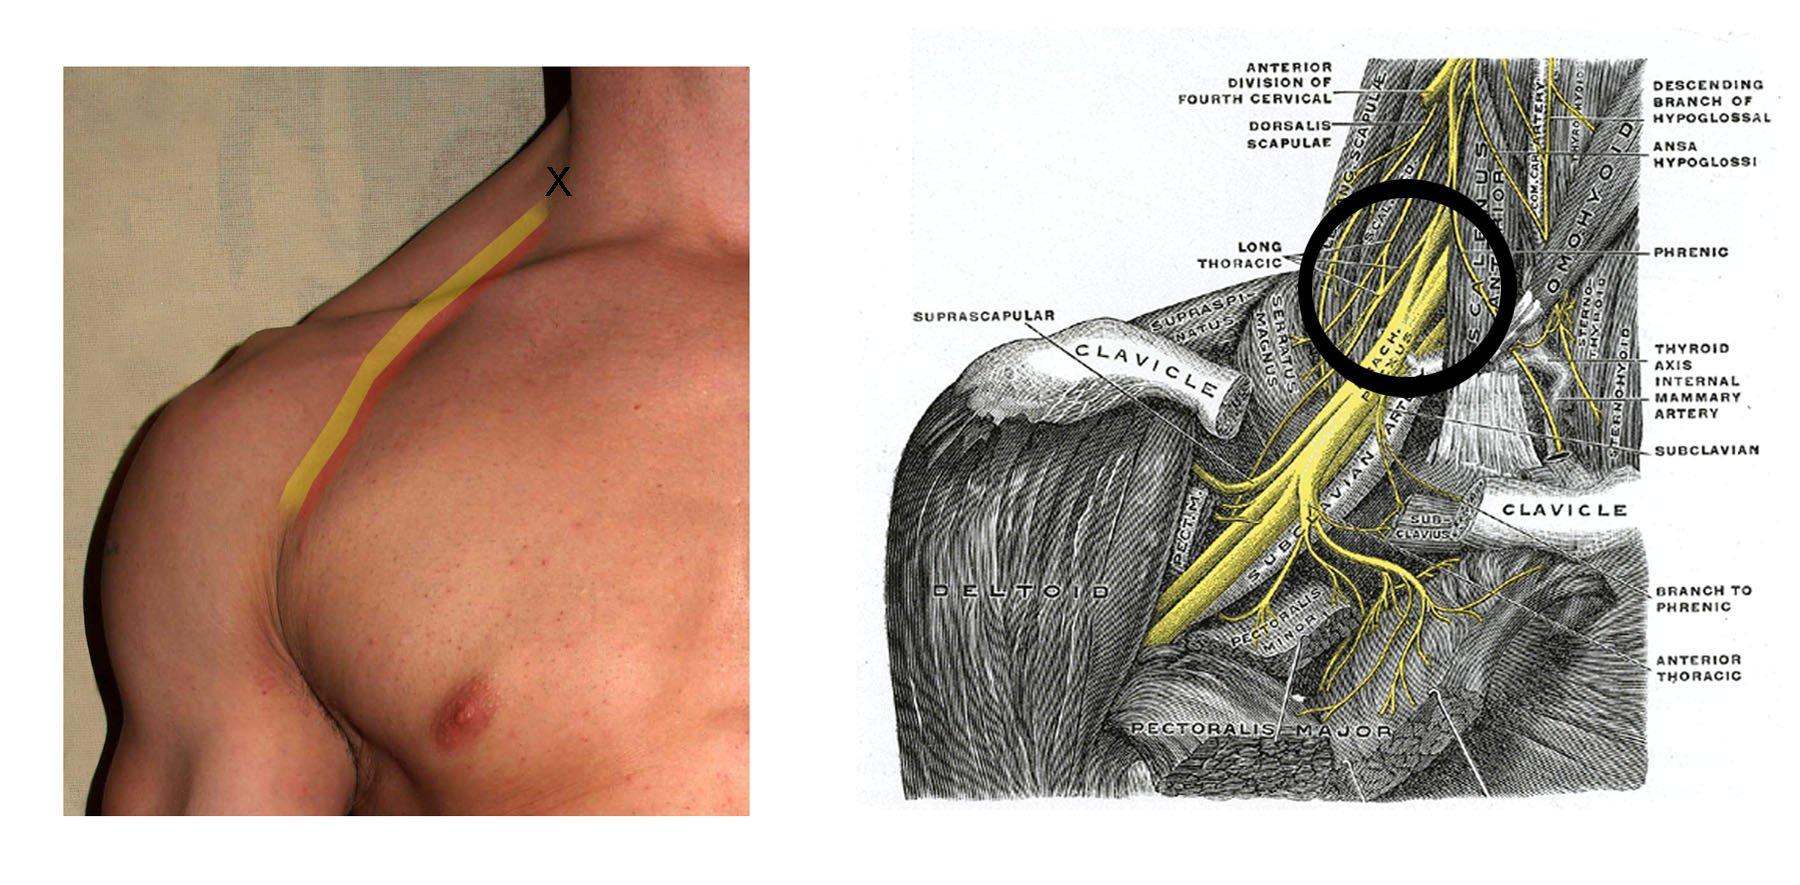 phil osophy jiu jitsu shoulder pinches and the brachial